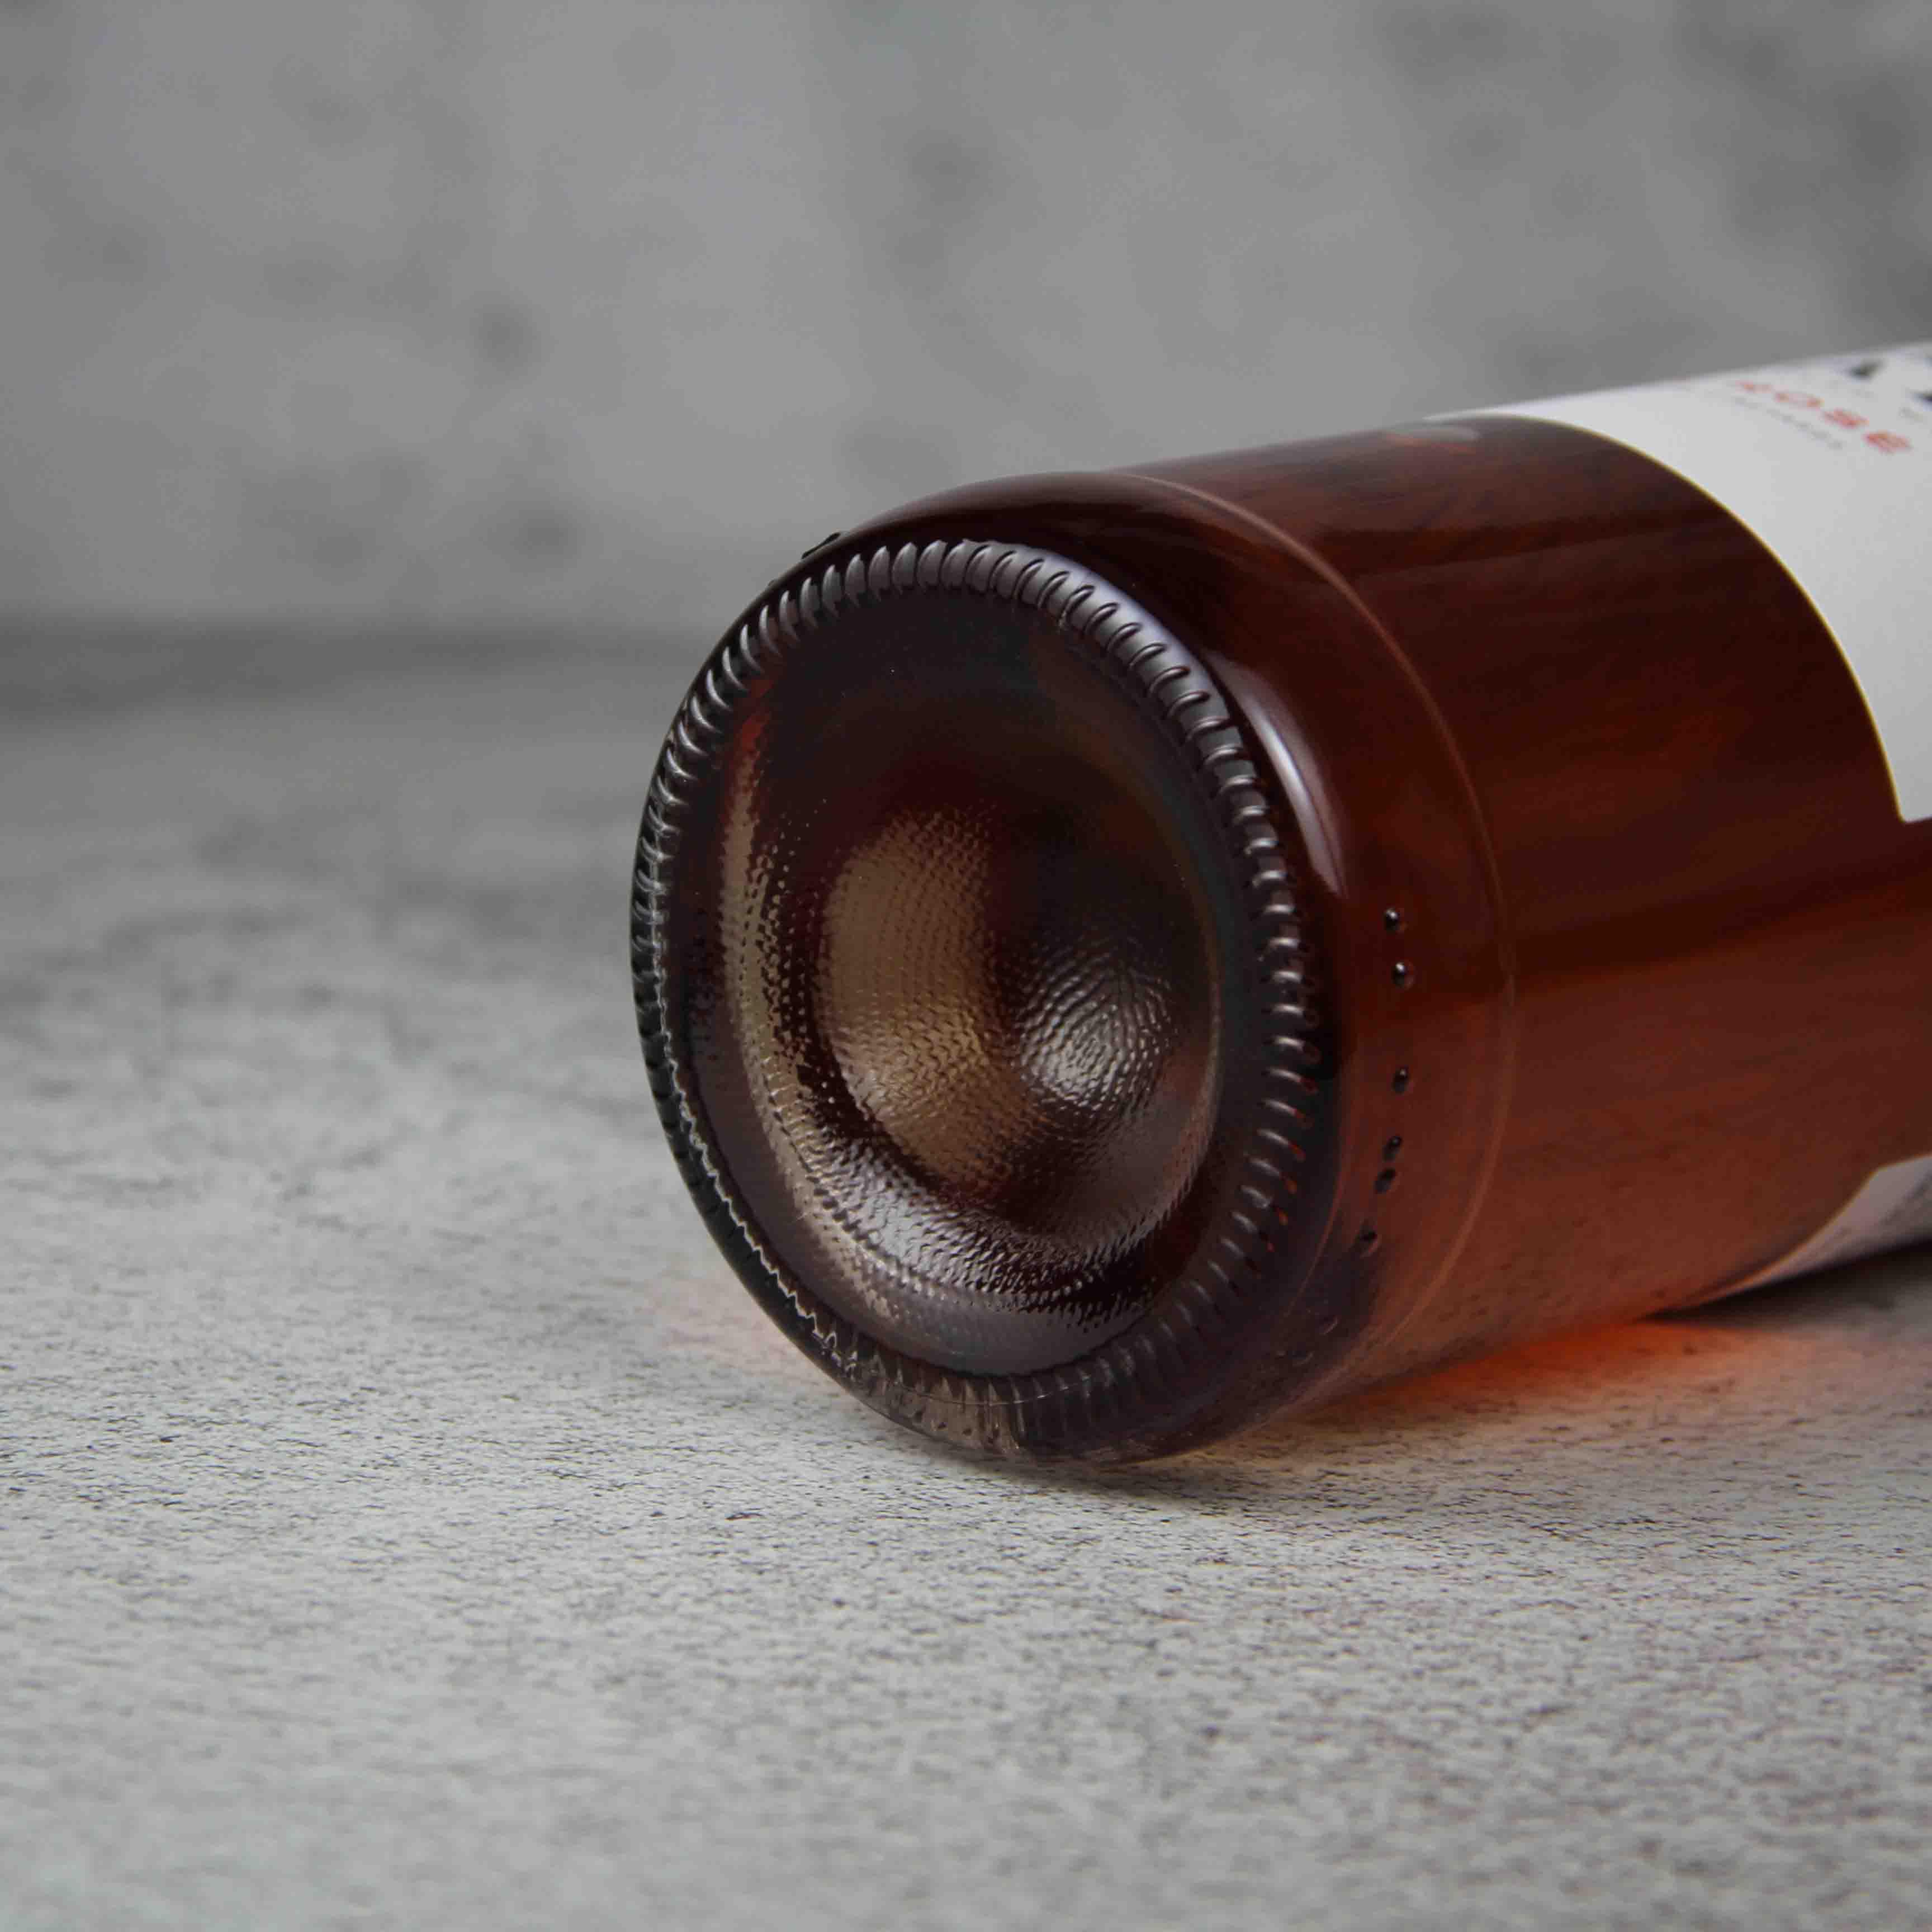 南非海岸产区弗农山酒庄-山峰皮诺塔吉桃红葡萄酒